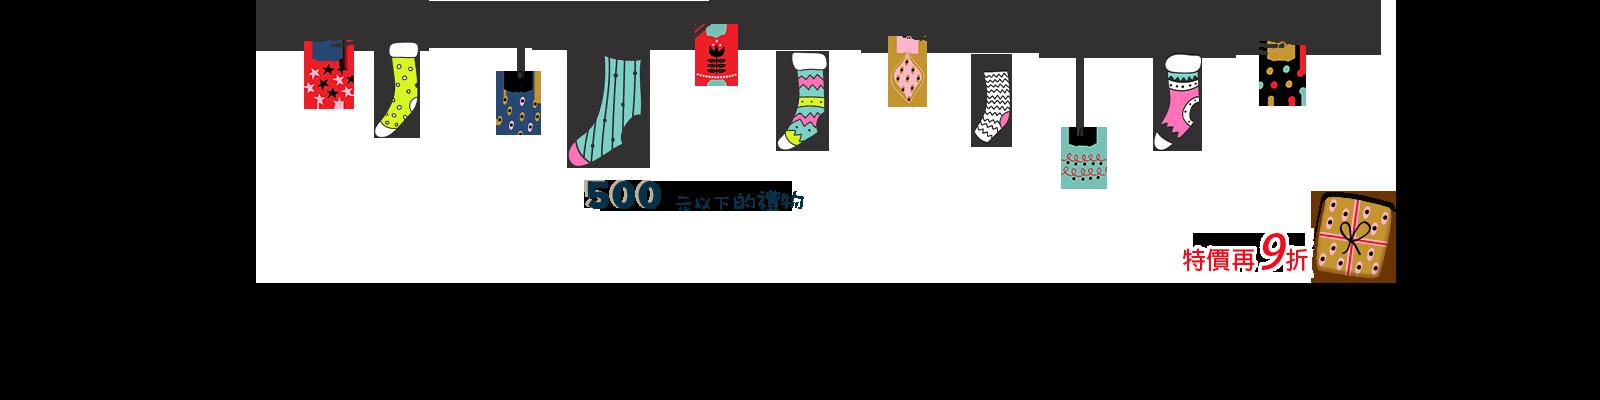 咕咕嘎嘎親子購物網聖誕活動500元以下商品特價再九折